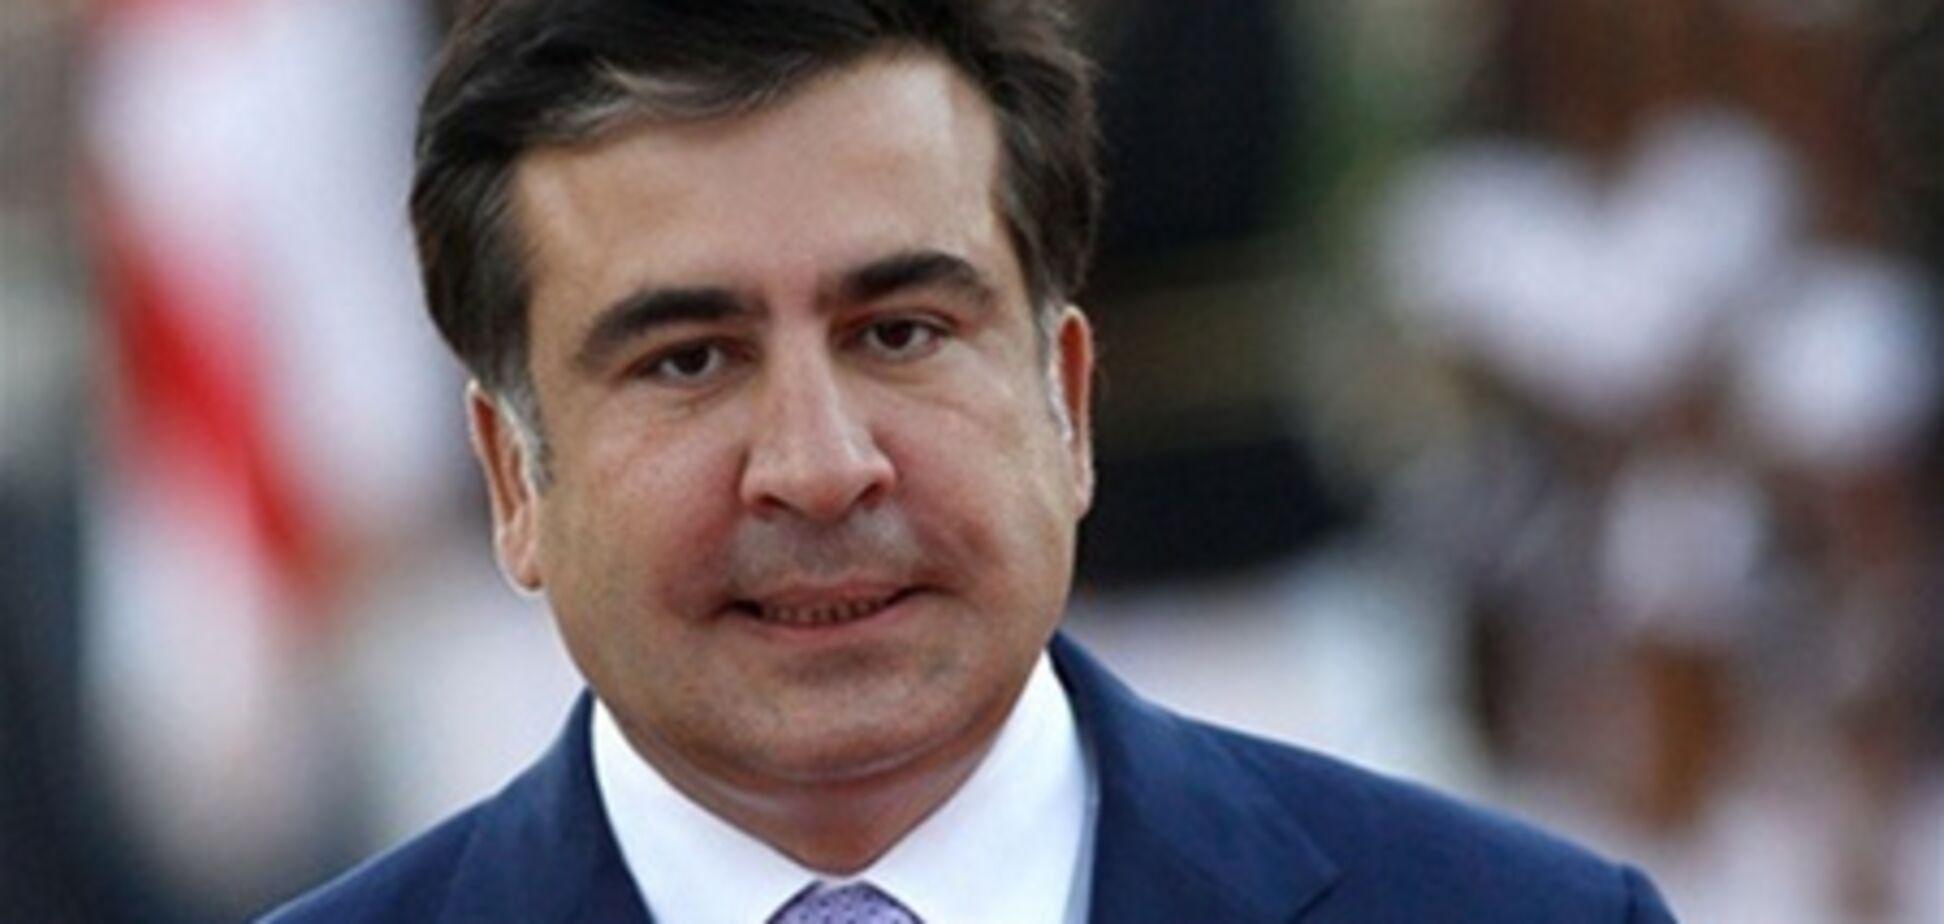 Саакашвили делал себе уколы ботокса за госсчет - ТВ